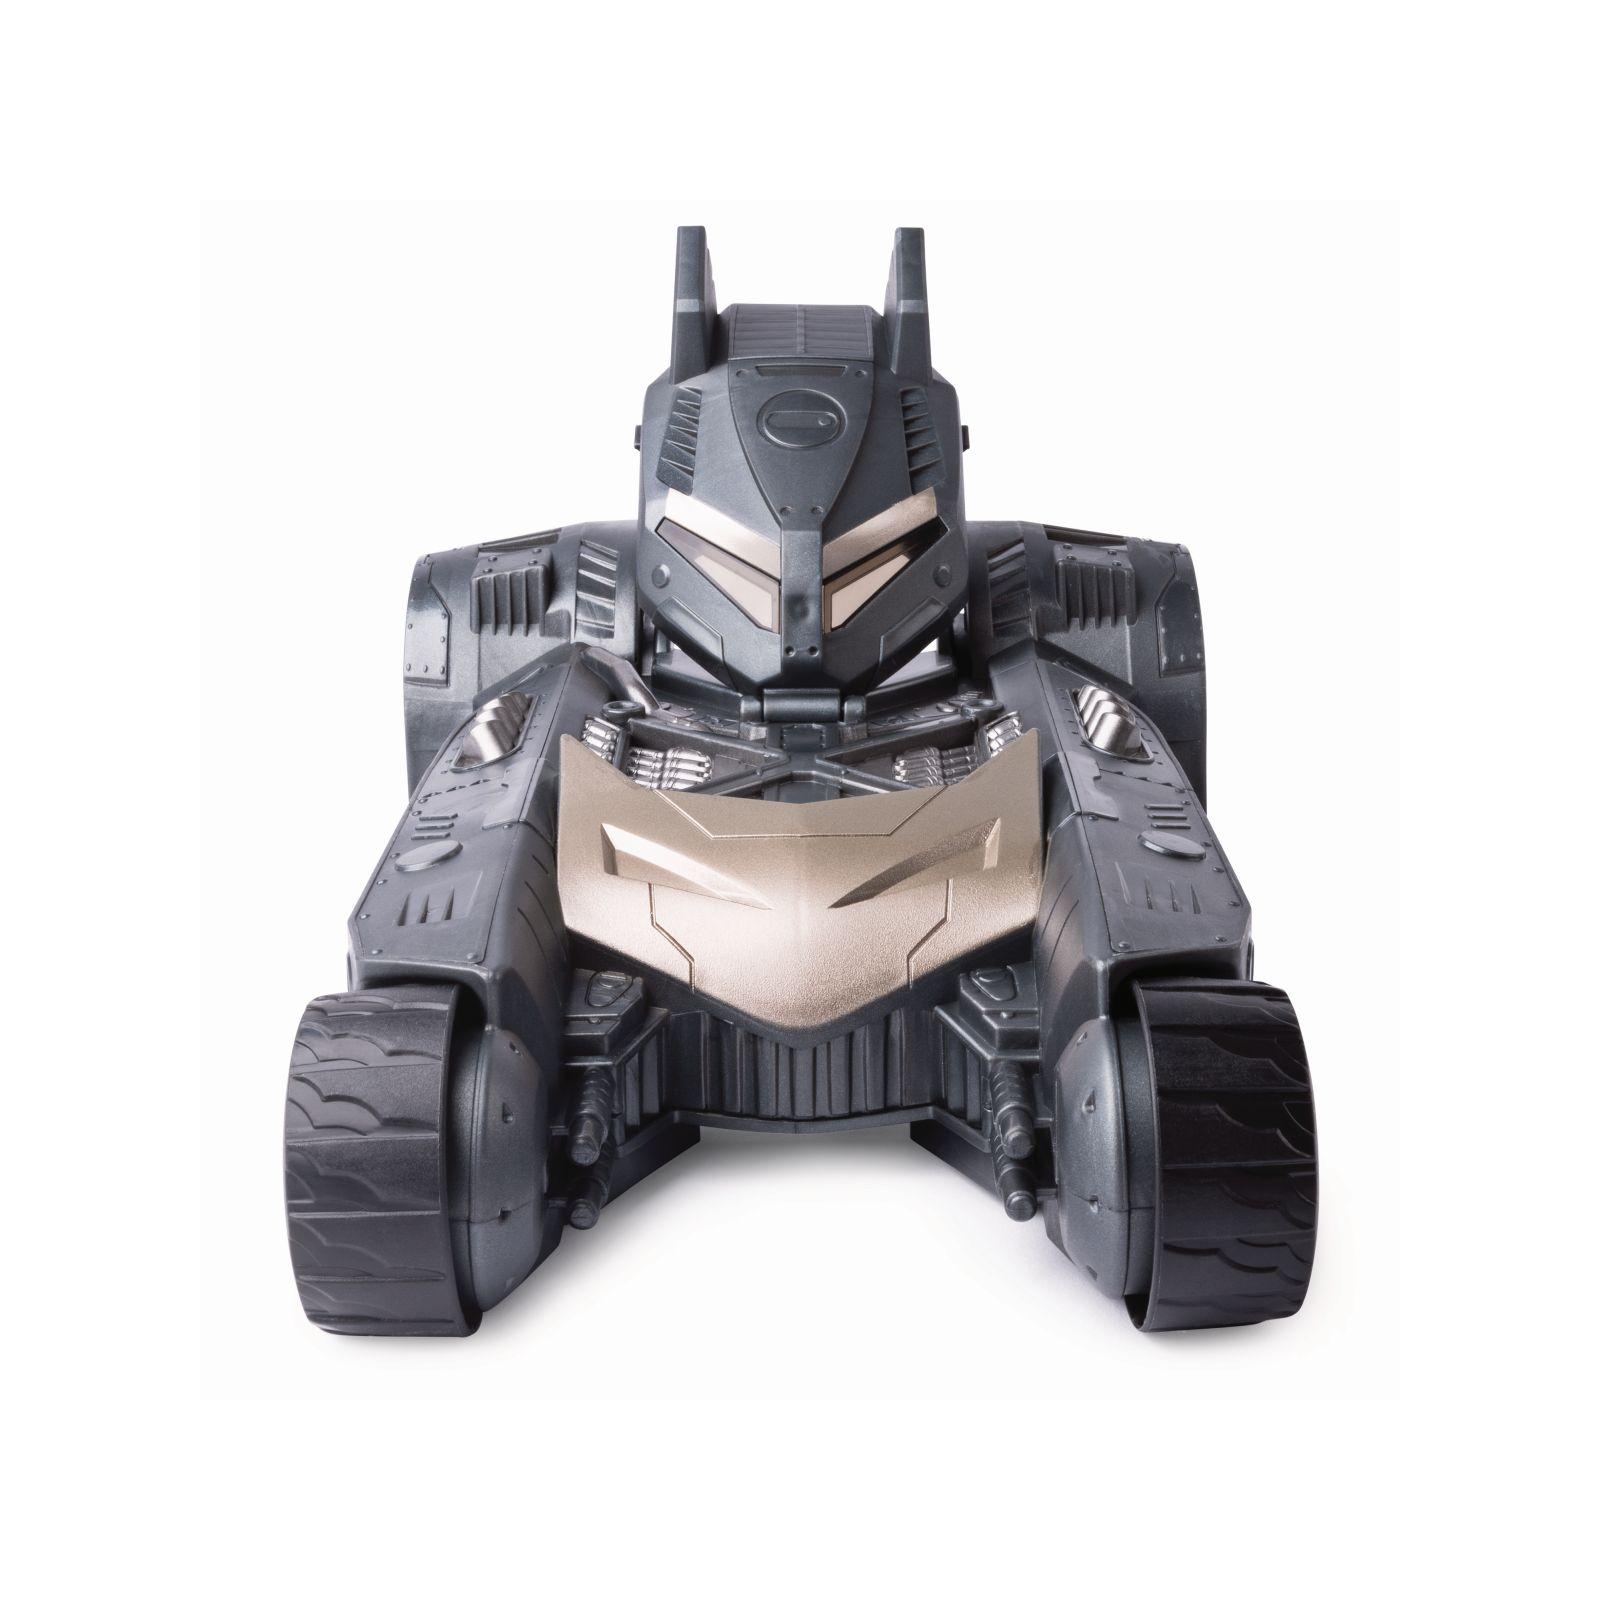 Batman batmobile 2 in 1 per personaggi 10cm - DC COMICS, DC Comics Super Heroes